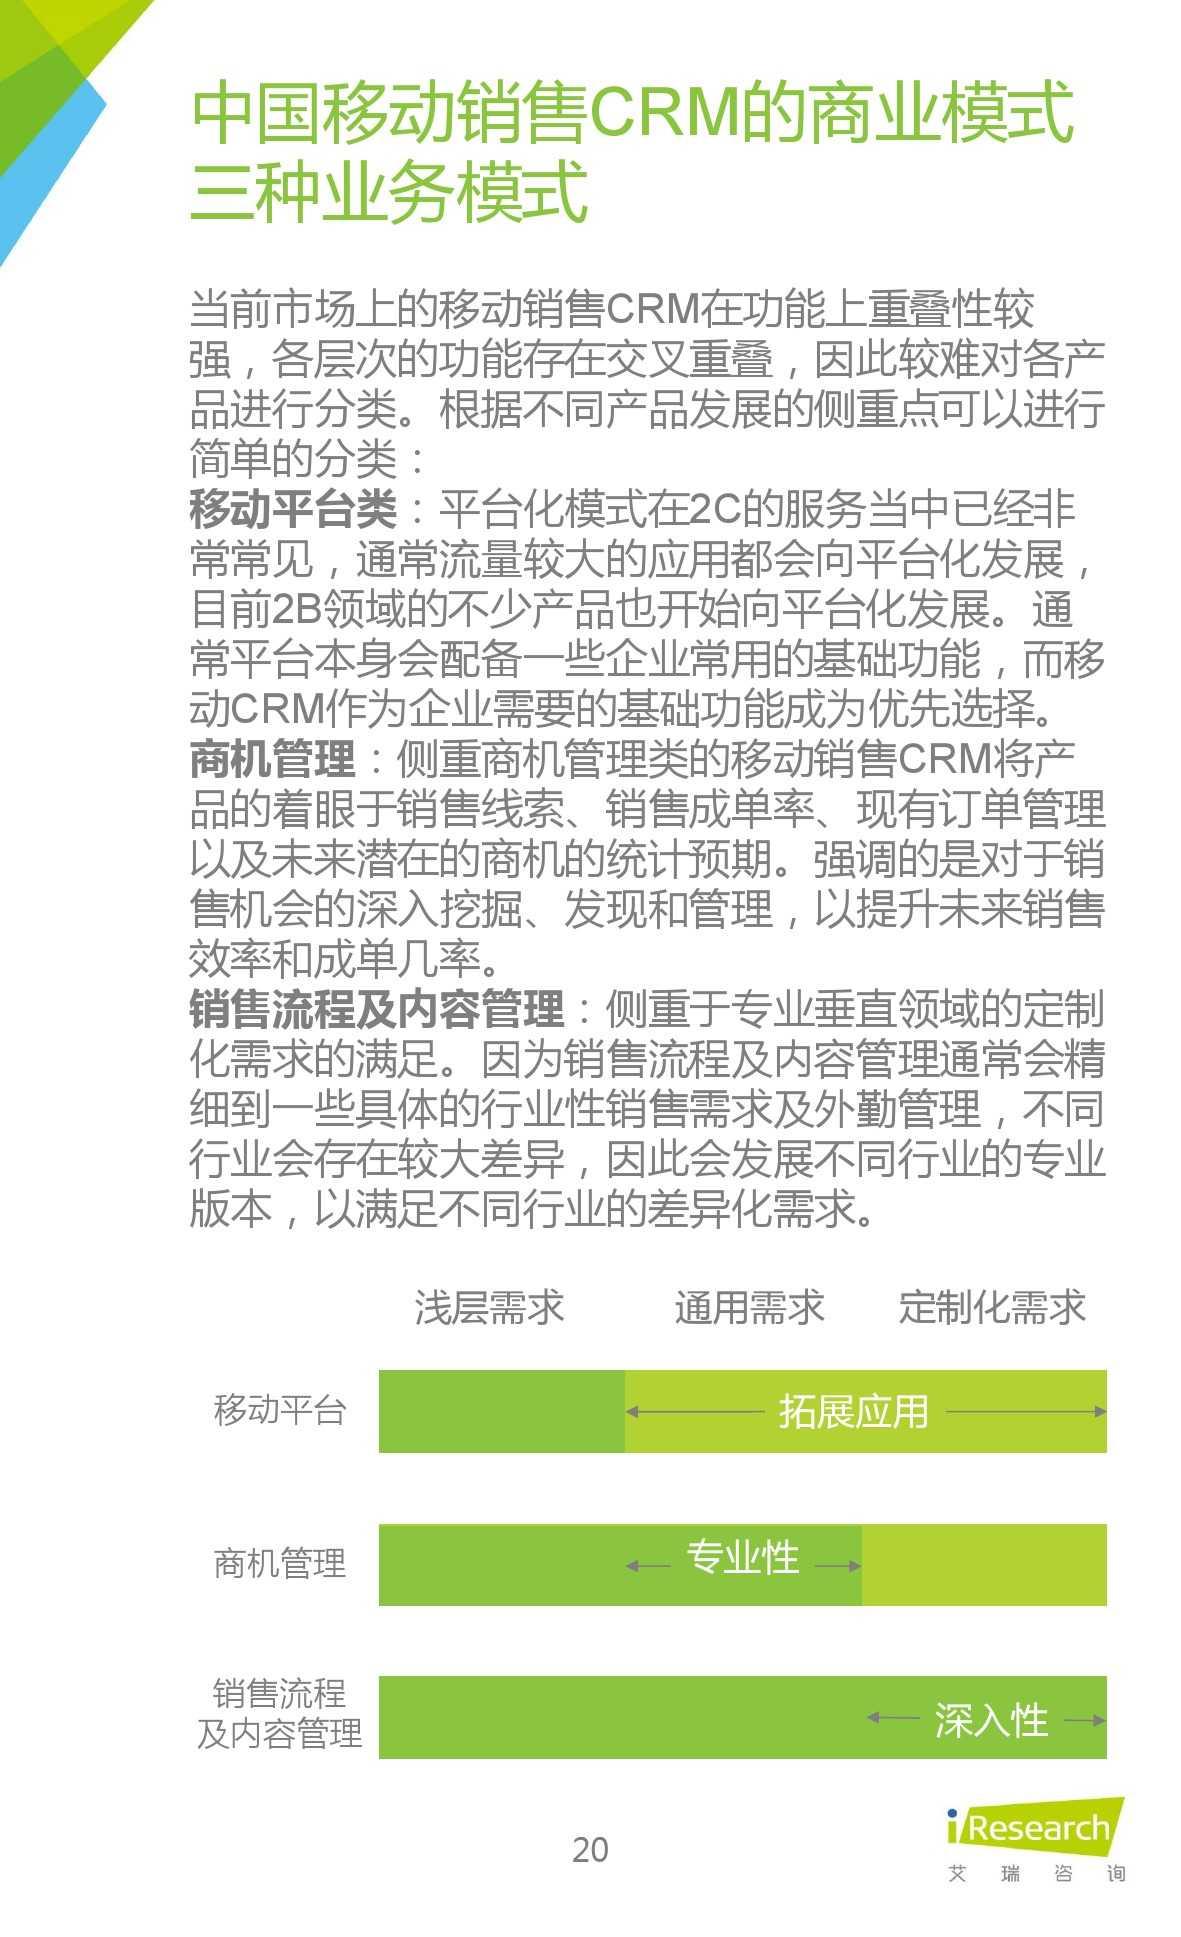 2015年中国移动销售CRM行业研究报告_000020